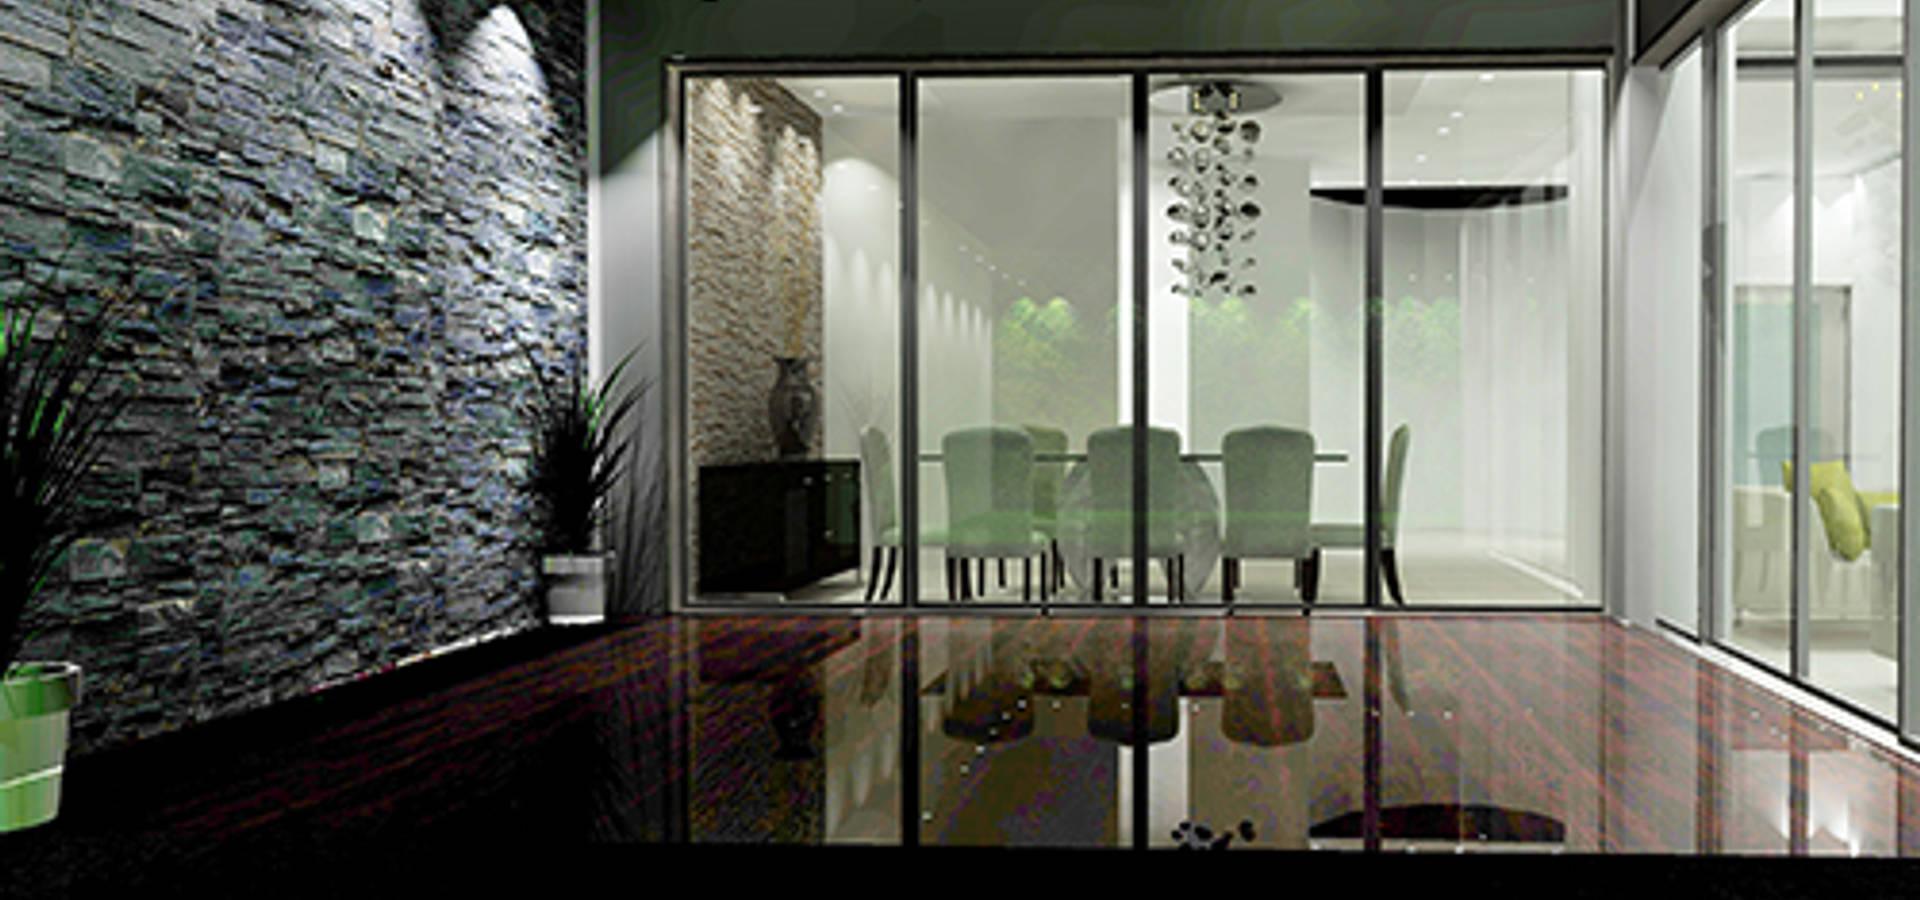 Dise o oficinas modernas por casas eco constructora homify for Diseno de oficinas modernas en casa